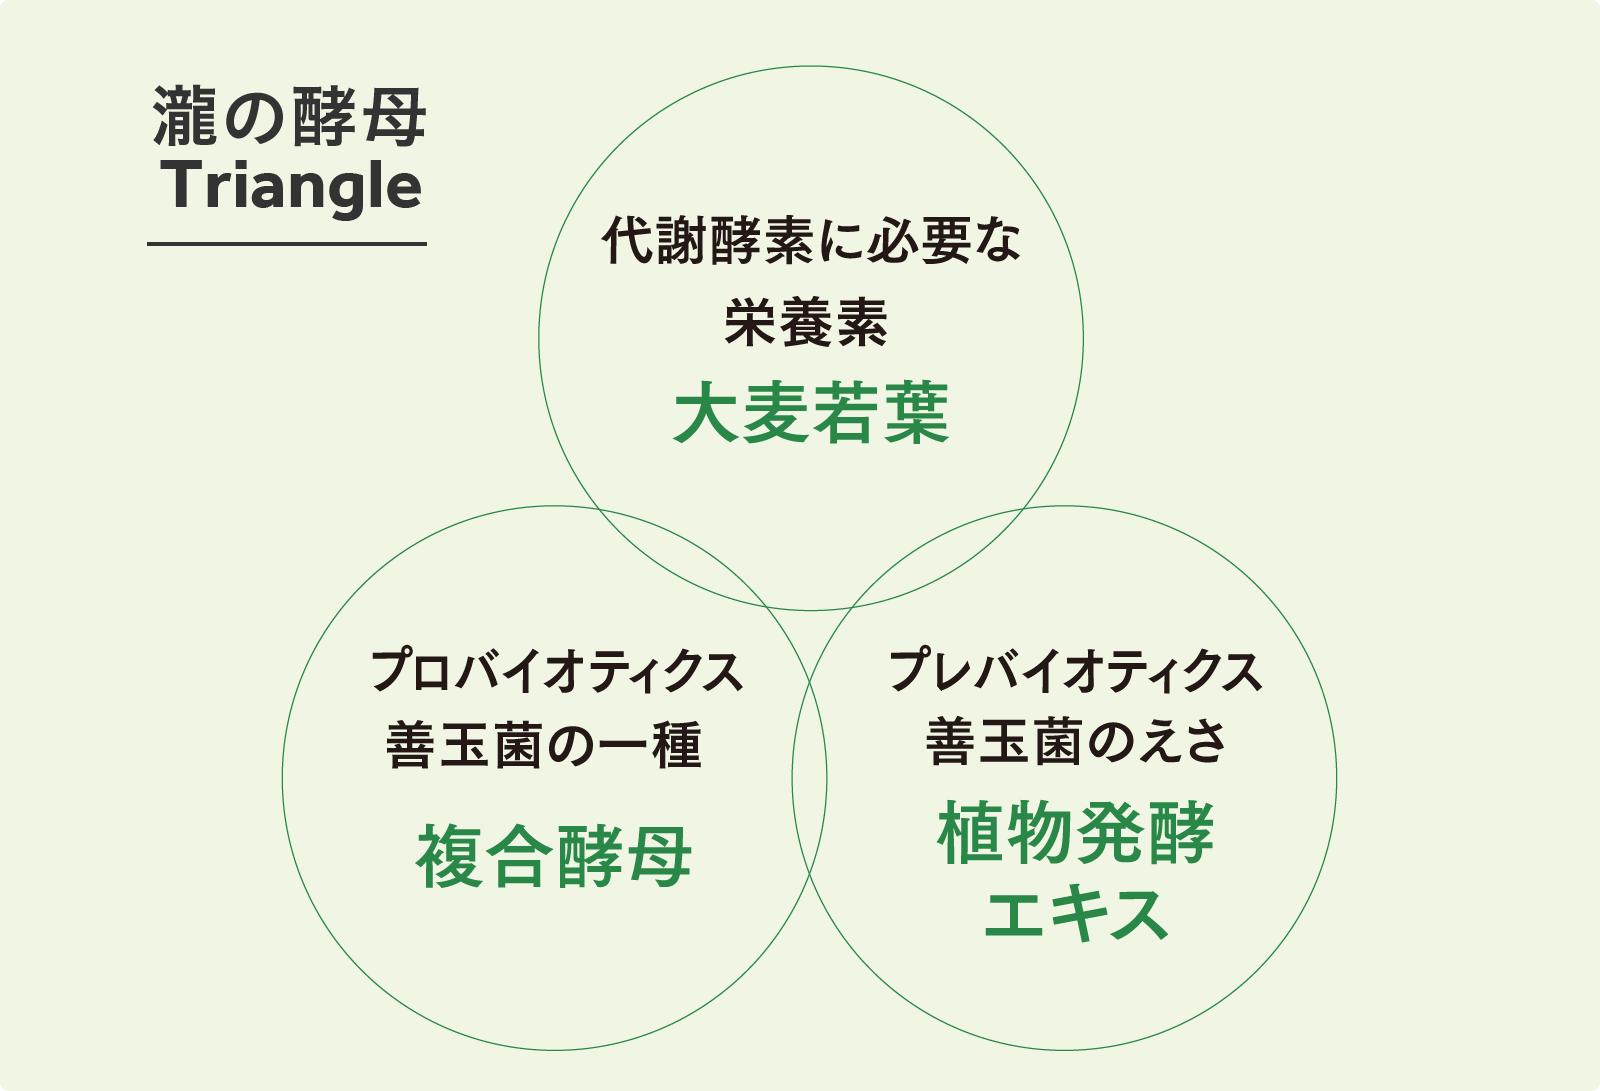 瀧の酵母Triangle